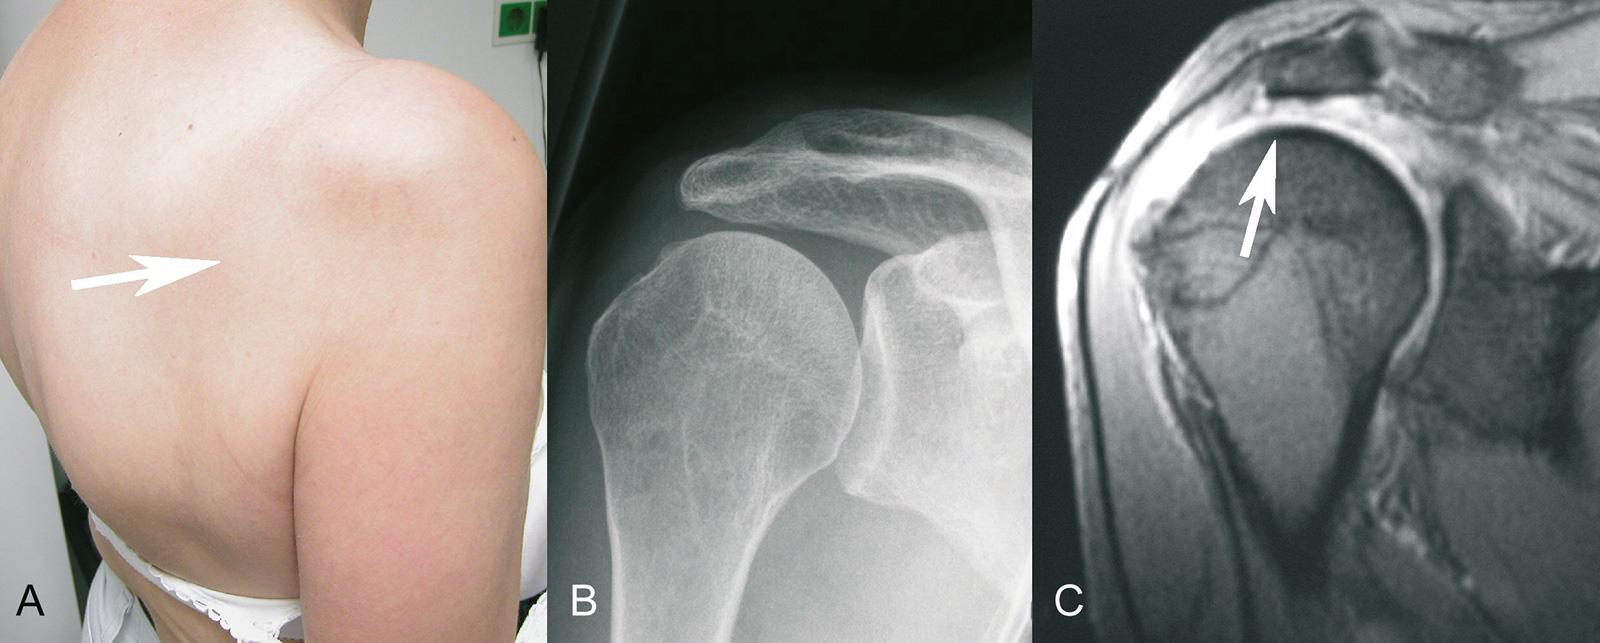 Abb. 2-10: Alte Rotatorenmanschettenruptur mit Atrophie des Supra- und Infraspinatus im klinischen Bild (A), beginnender Hochstand des Humerus im Röntgenbild (B) und Rotatorenmanschettenruptur mit Retraktion der Sehnenenden in der MRT-Bildgebung (C)